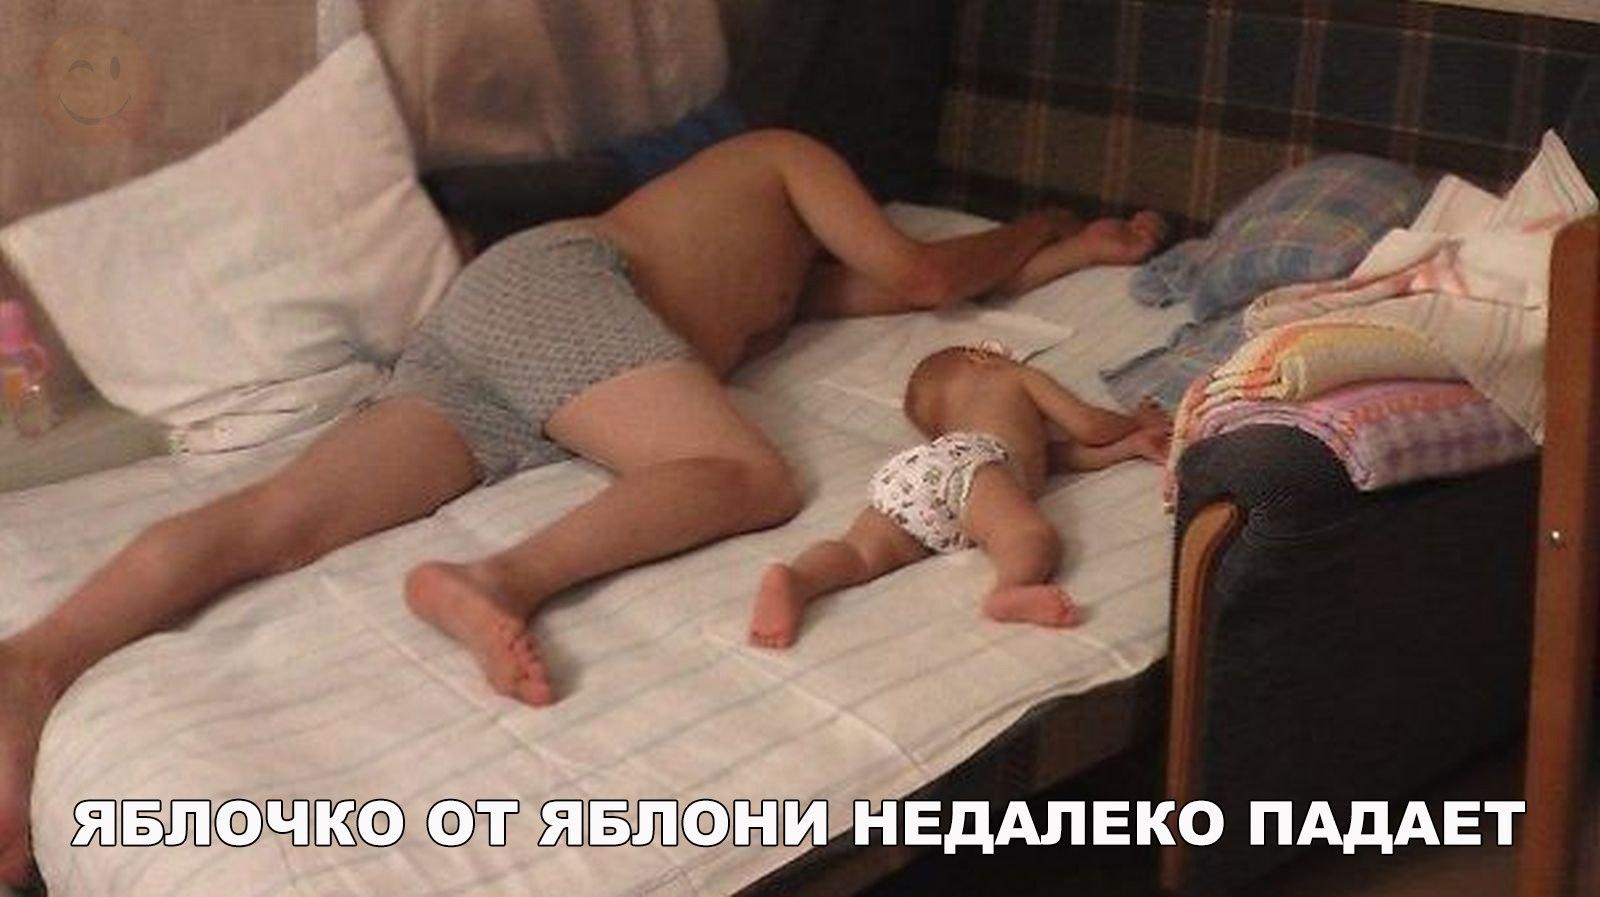 Сын дрочил но тут зашла его мама, Русская мать увидела как сын дрочит -видео 22 фотография